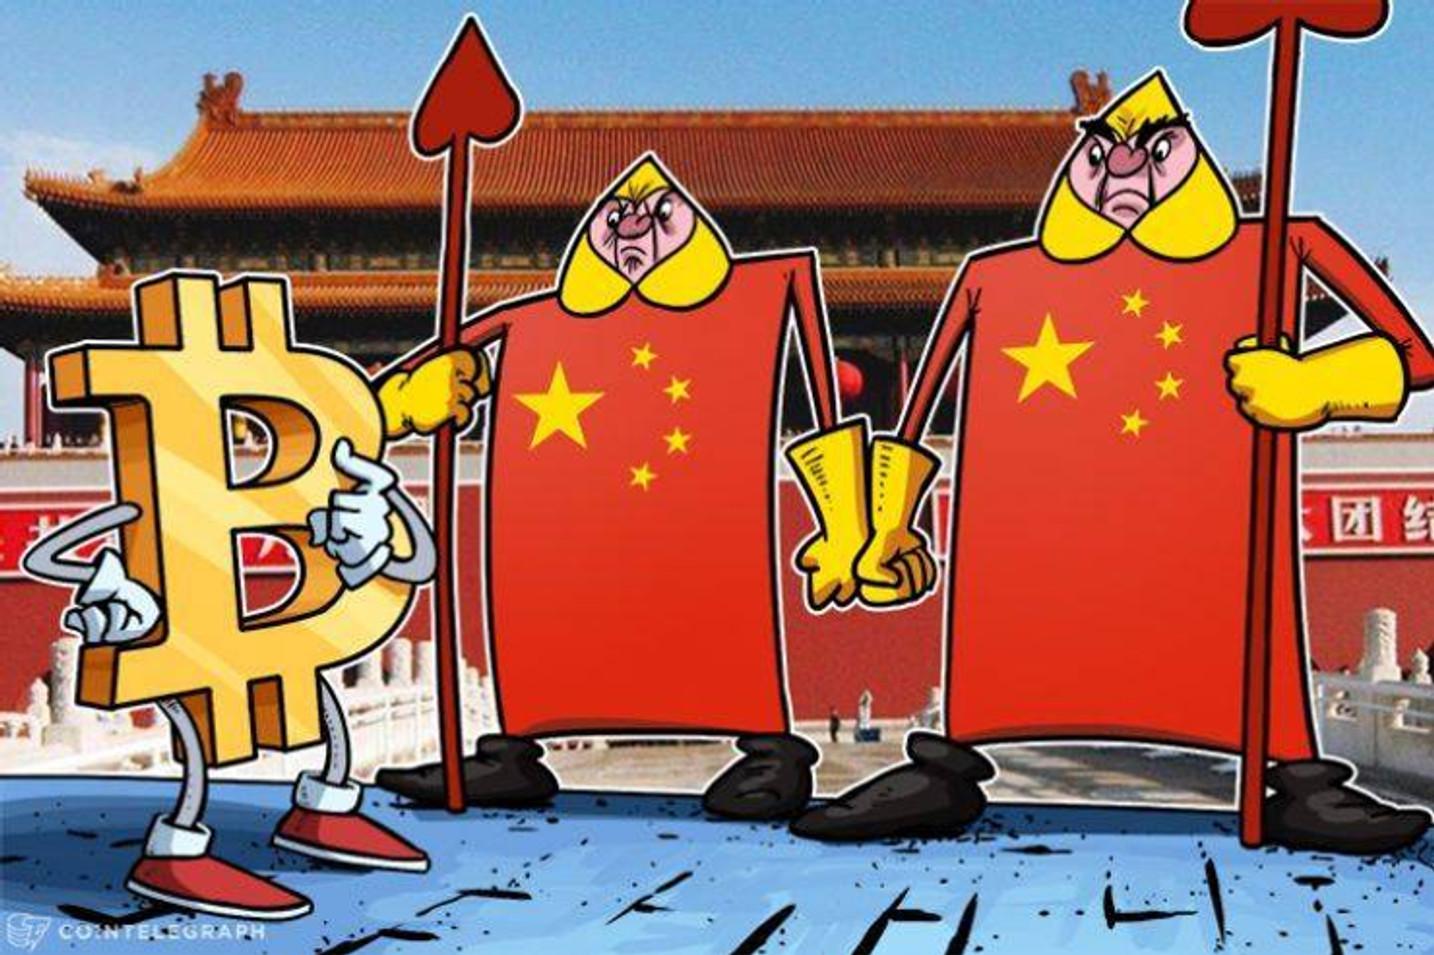 Las caídas del hashrate y del precio del Bitcoin están relacionadas con la aplicación de la ley y la búsqueda de energía limpia por parte de China